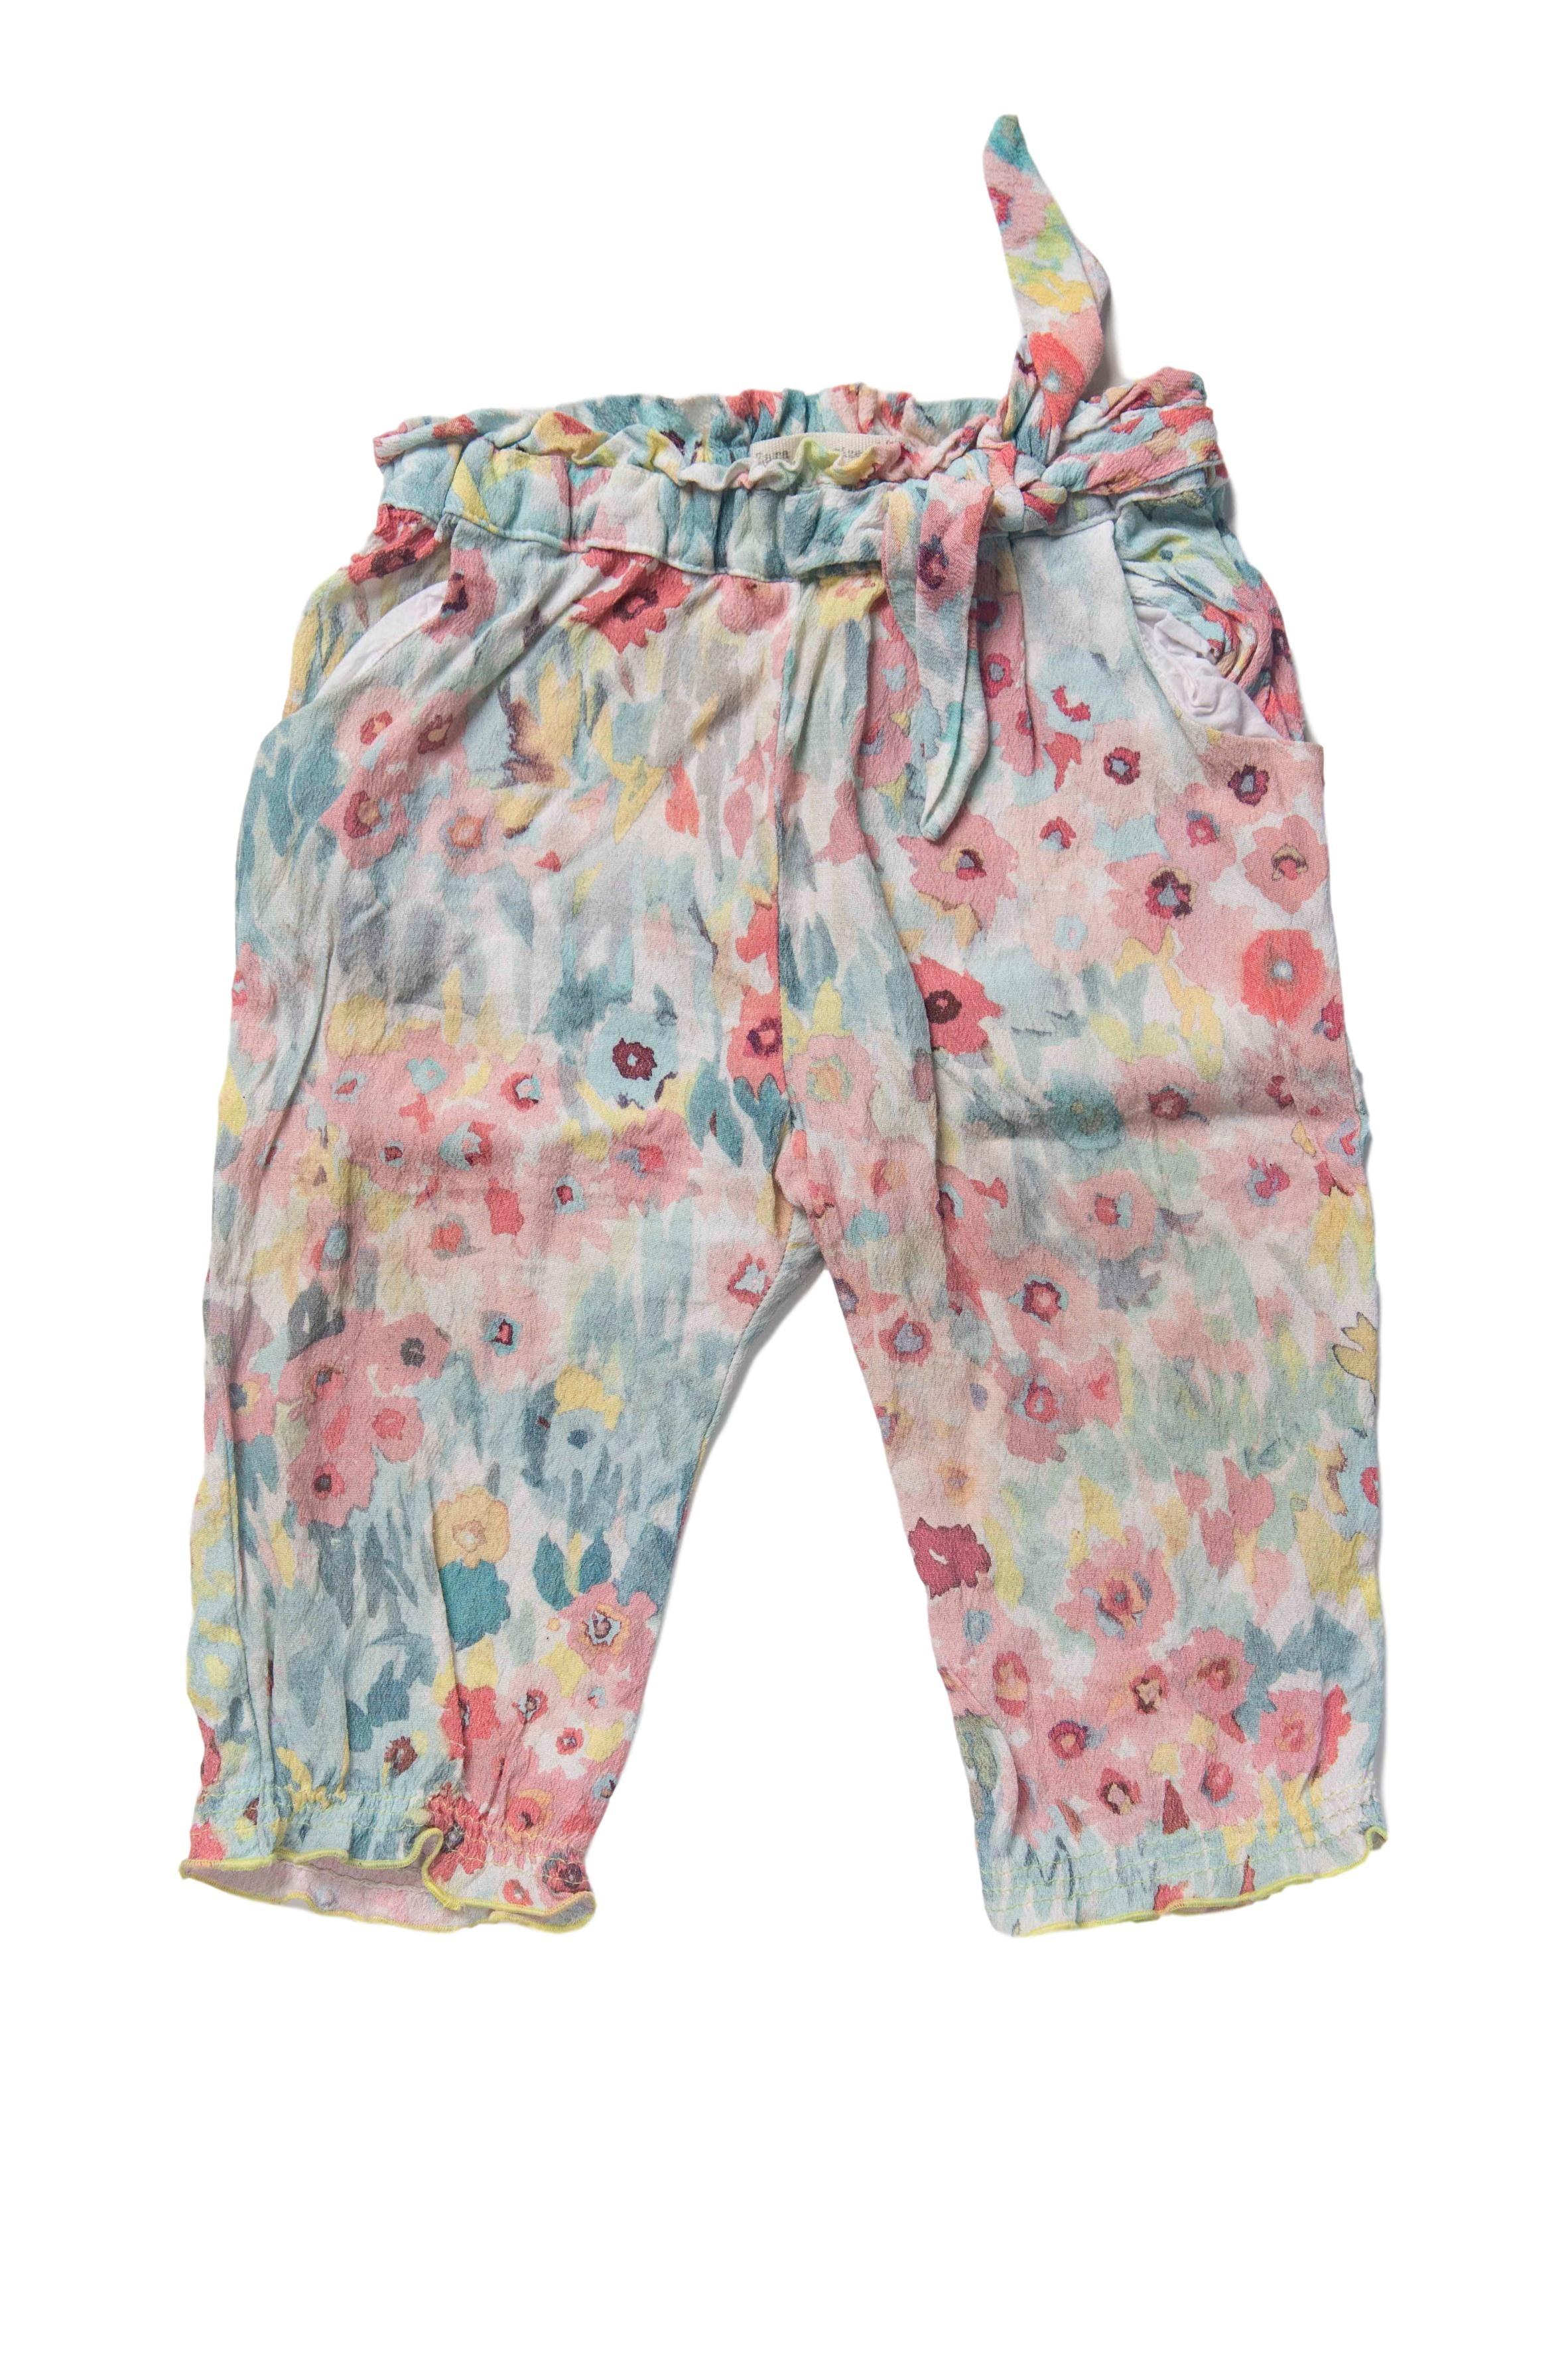 Pantalon de gasa colores pastel, elástico a la cintura y bolsillos - Zara